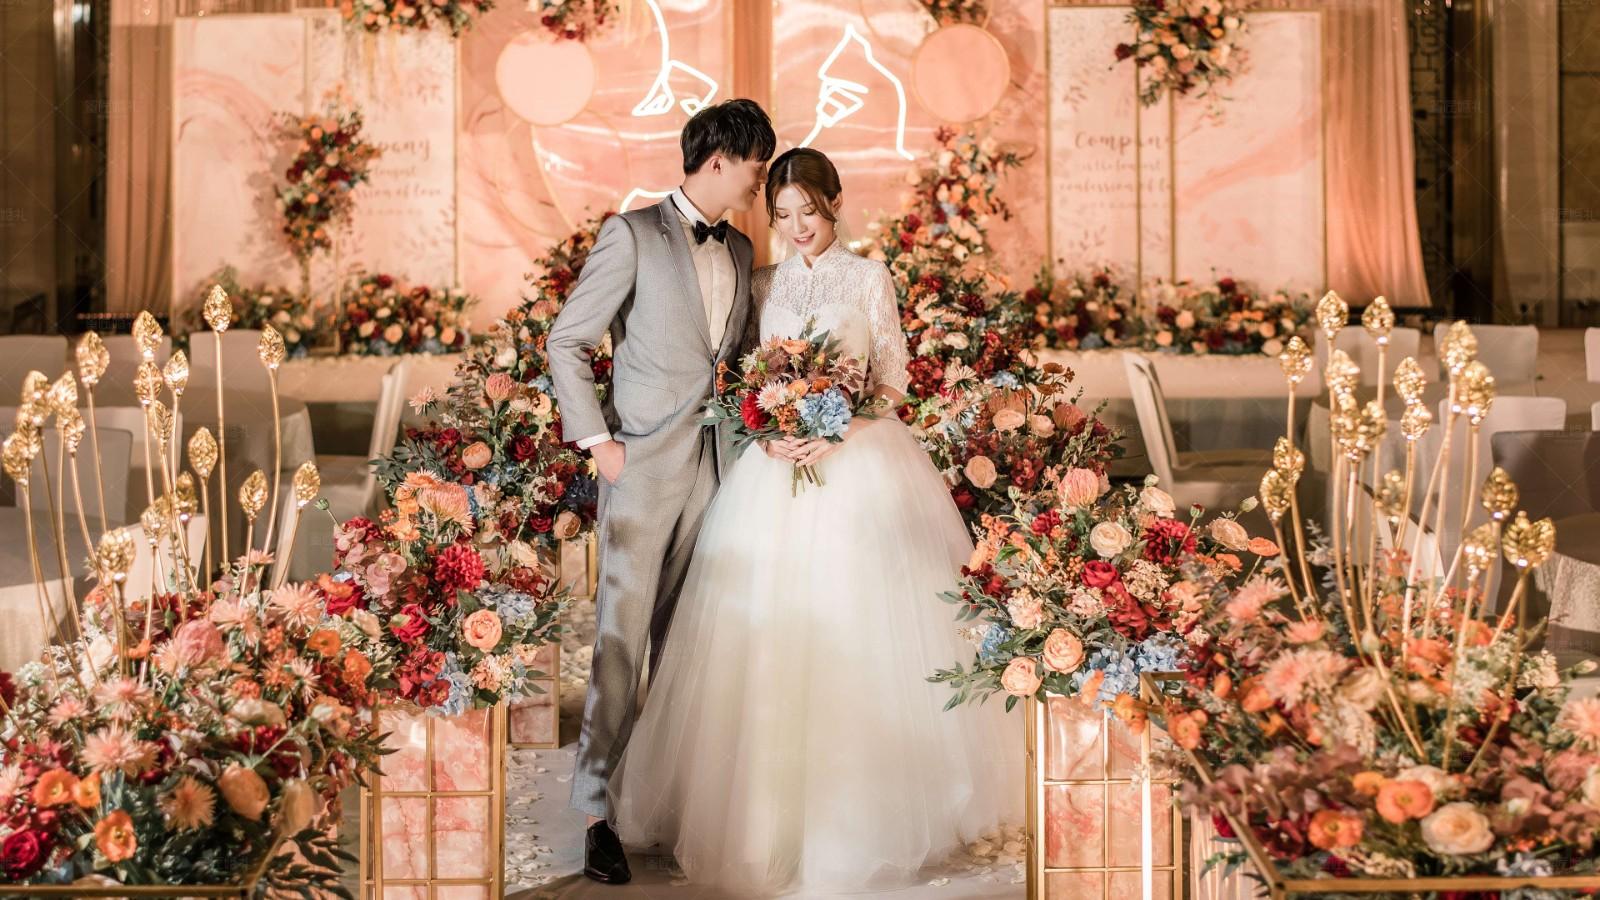 长沙婚礼策划主题浪漫